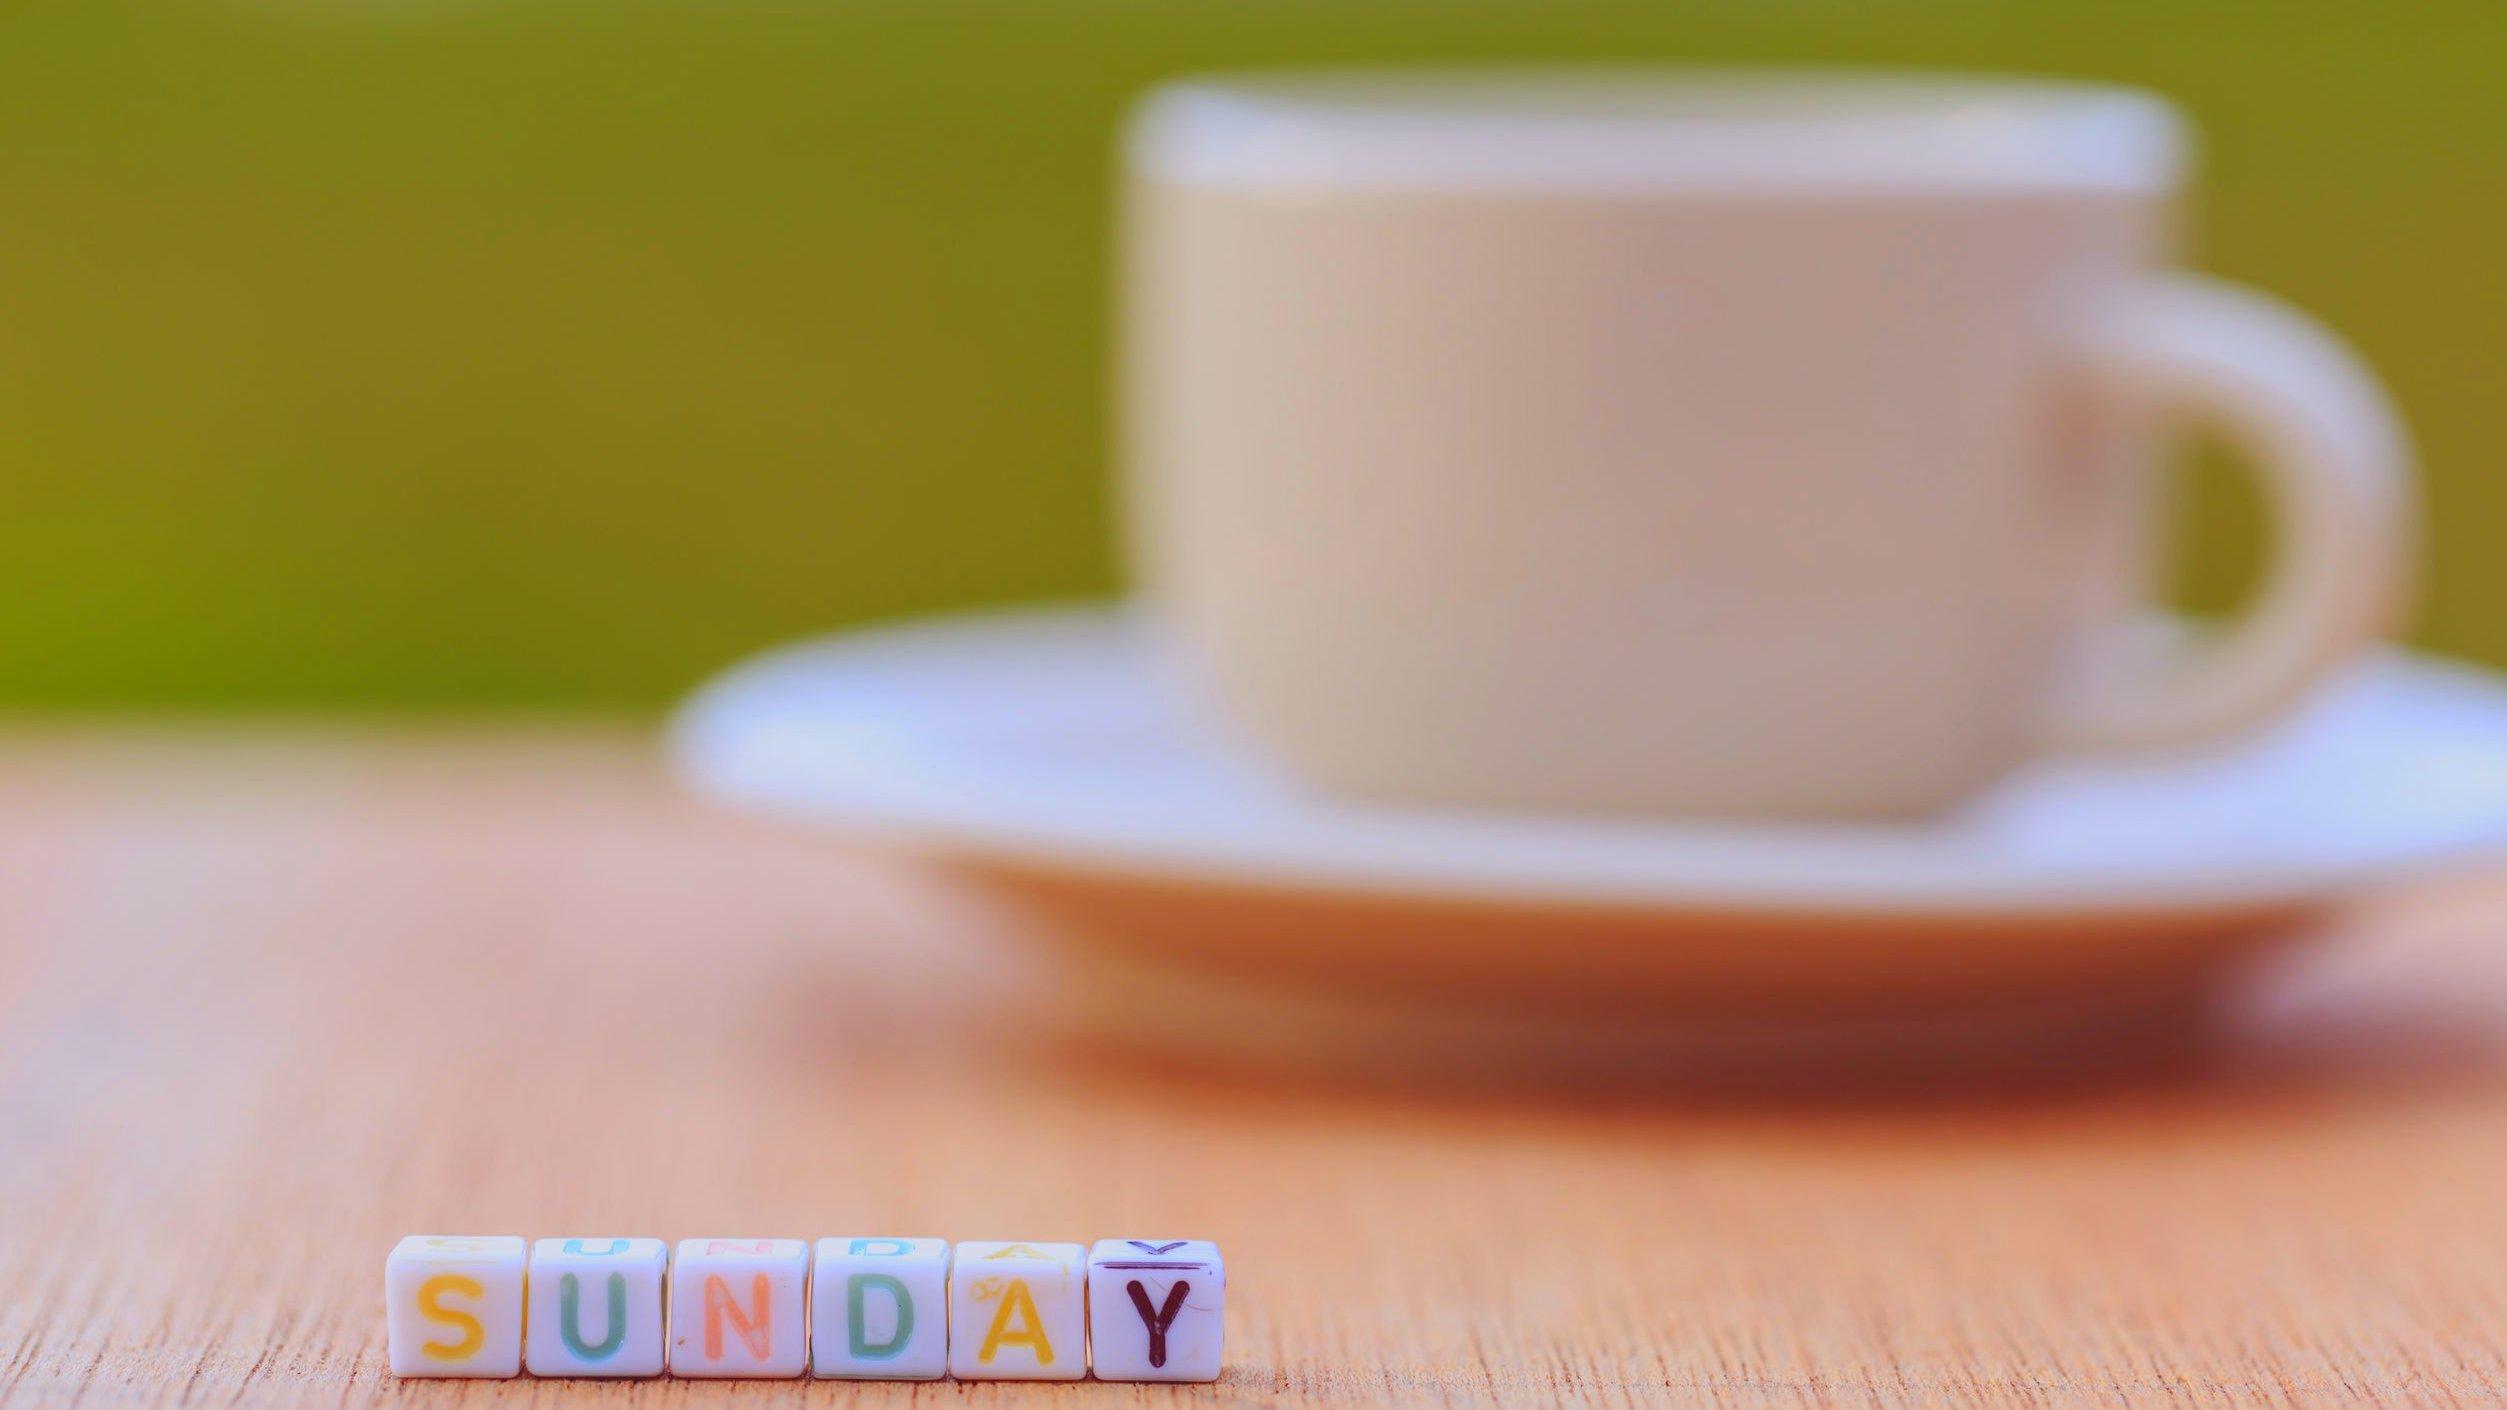 Mesa com xícara branca e miçangas coloridas formando a palavra